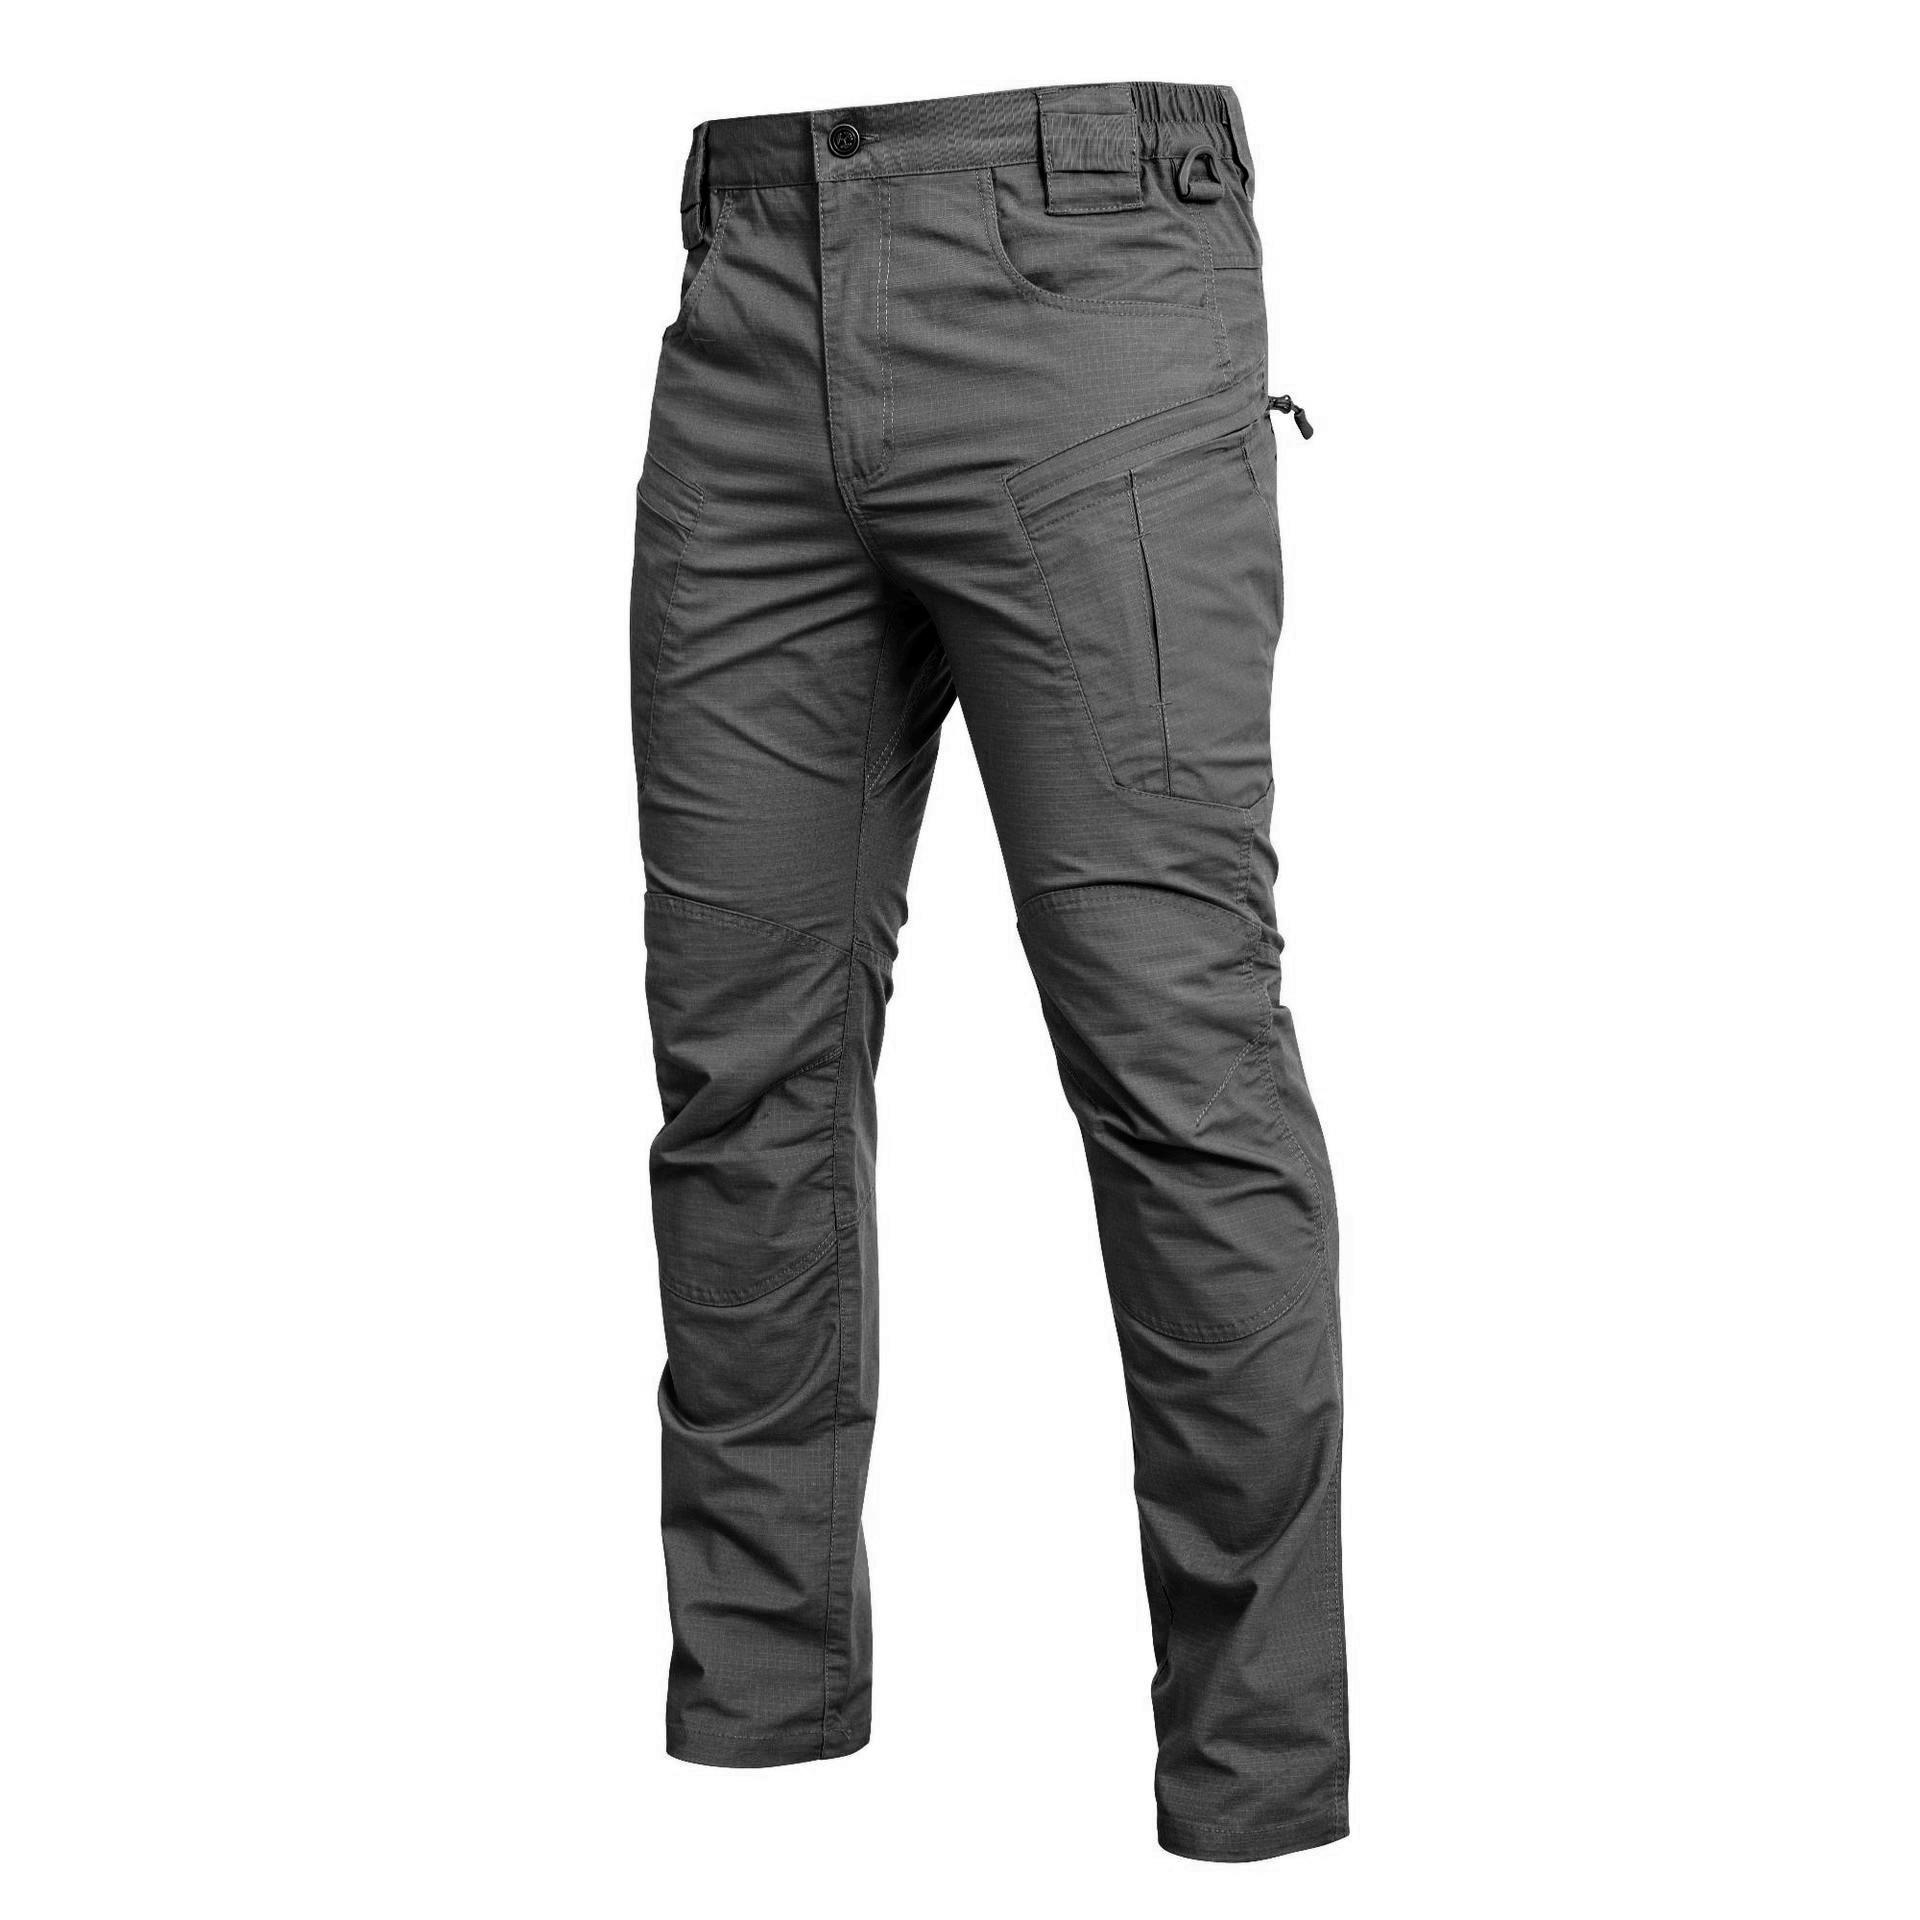 Pavecom calça tática verão x5 masculina, calça militar do exército para caminhada, corrida, trilha, montanha, trabalho de turística